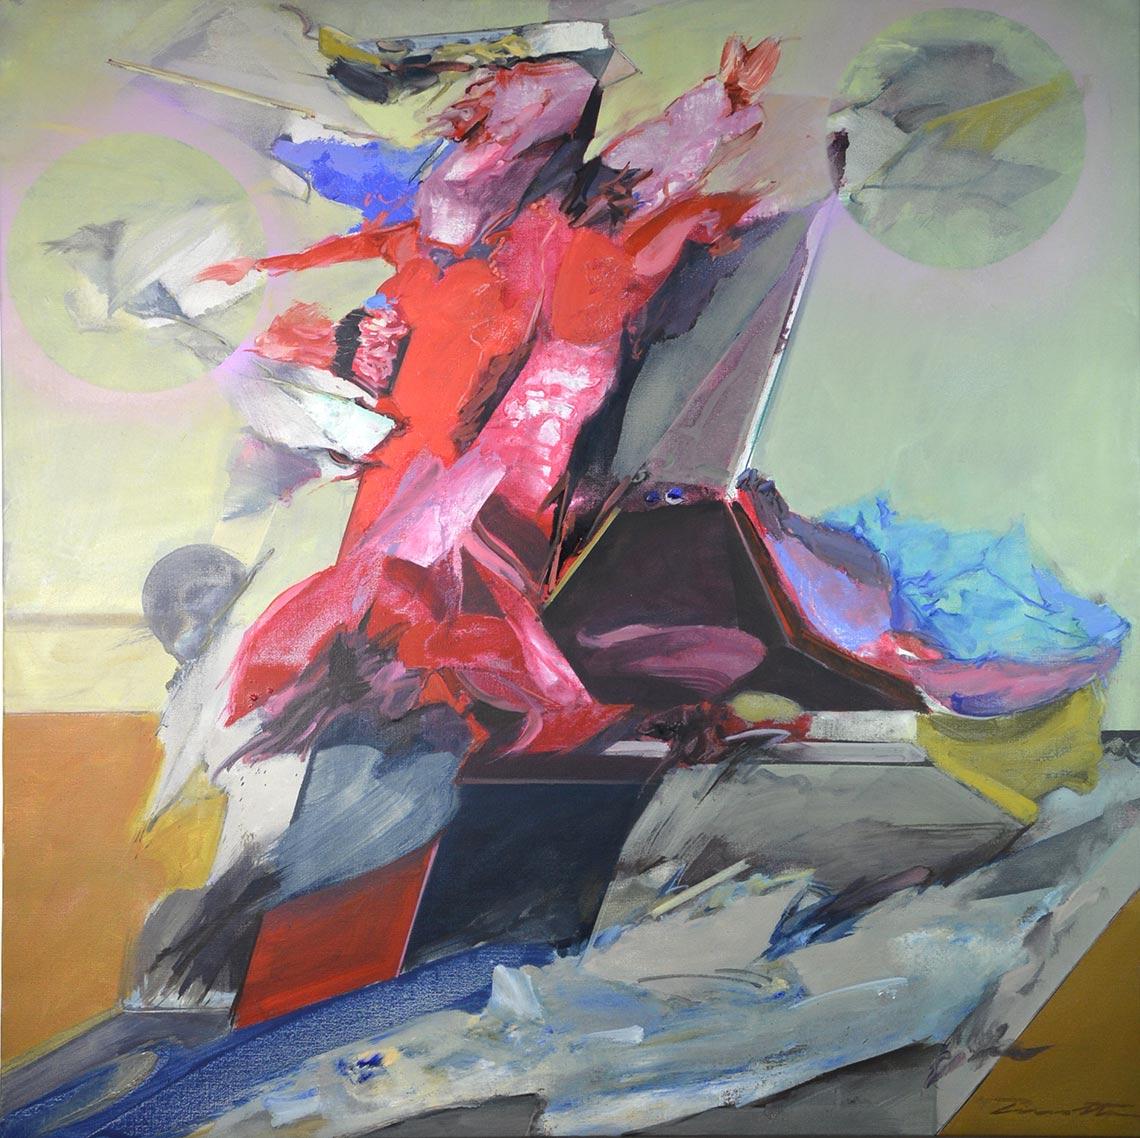 Victoire - peinture sur toil